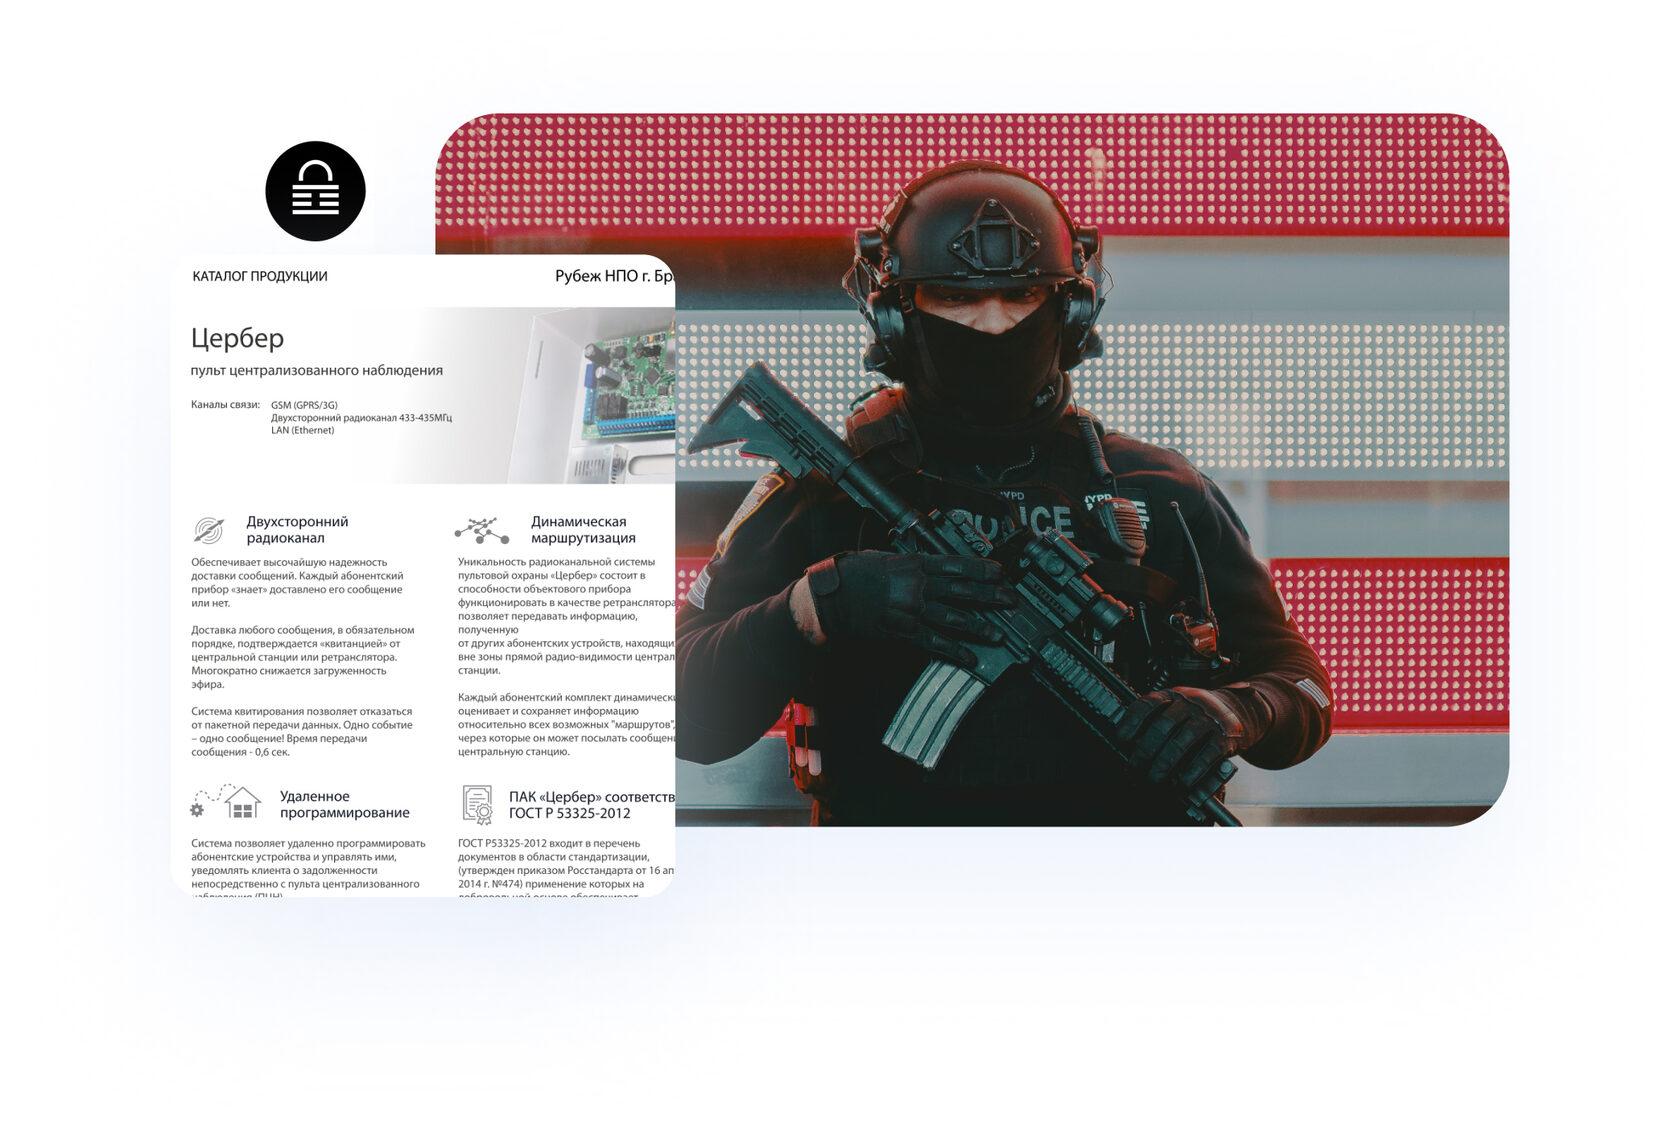 Рубеж сайт каталог недвижимость черногория цены